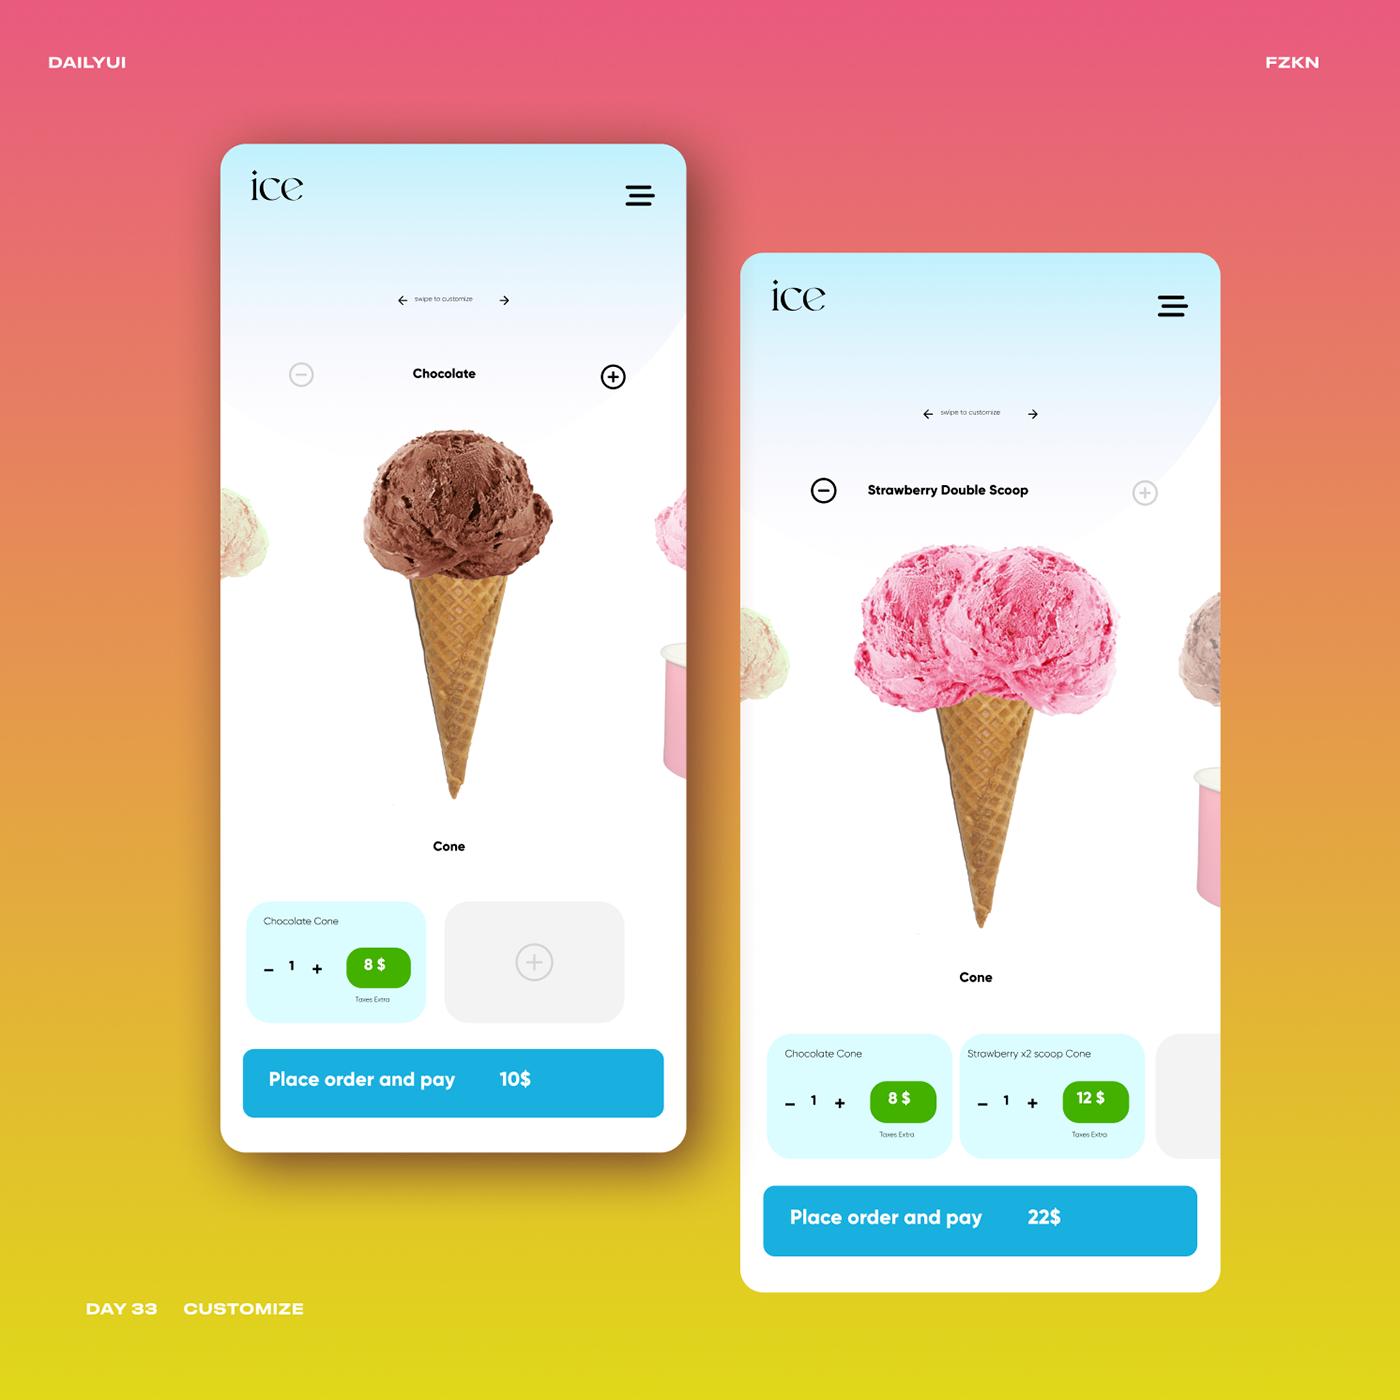 DailyUI design interface design UI uidesign ux uxdesign